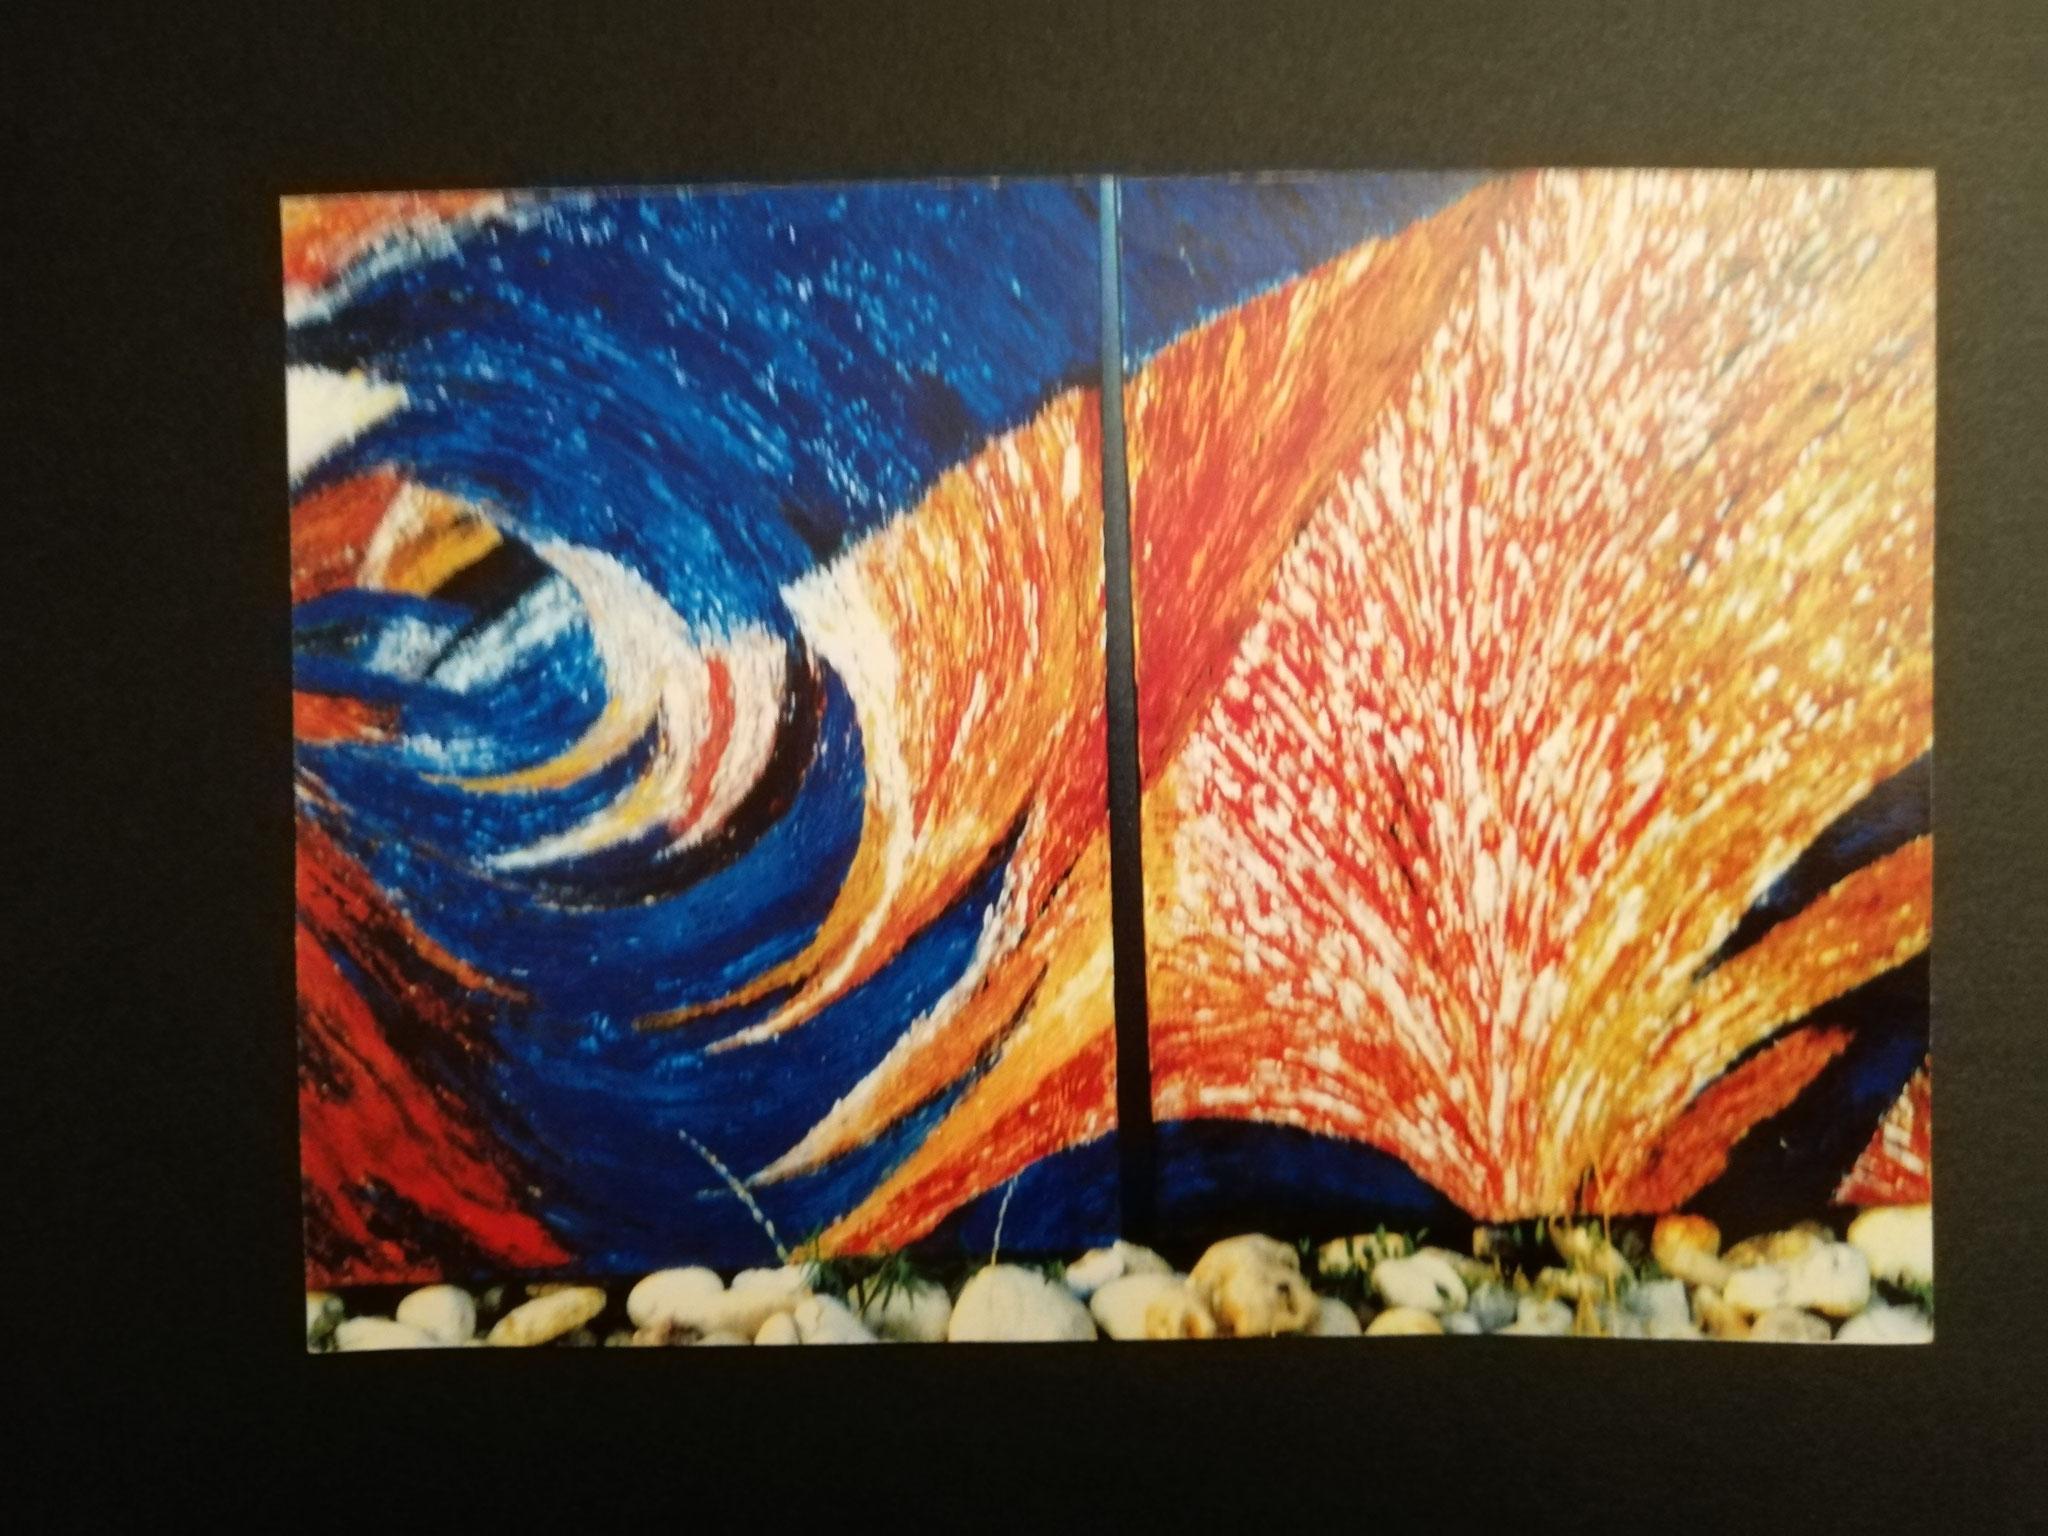 OHNE TITEL Doppelbild á90x70 verkauft 2001 um   S 36.000.- nach einer Kunstmesse